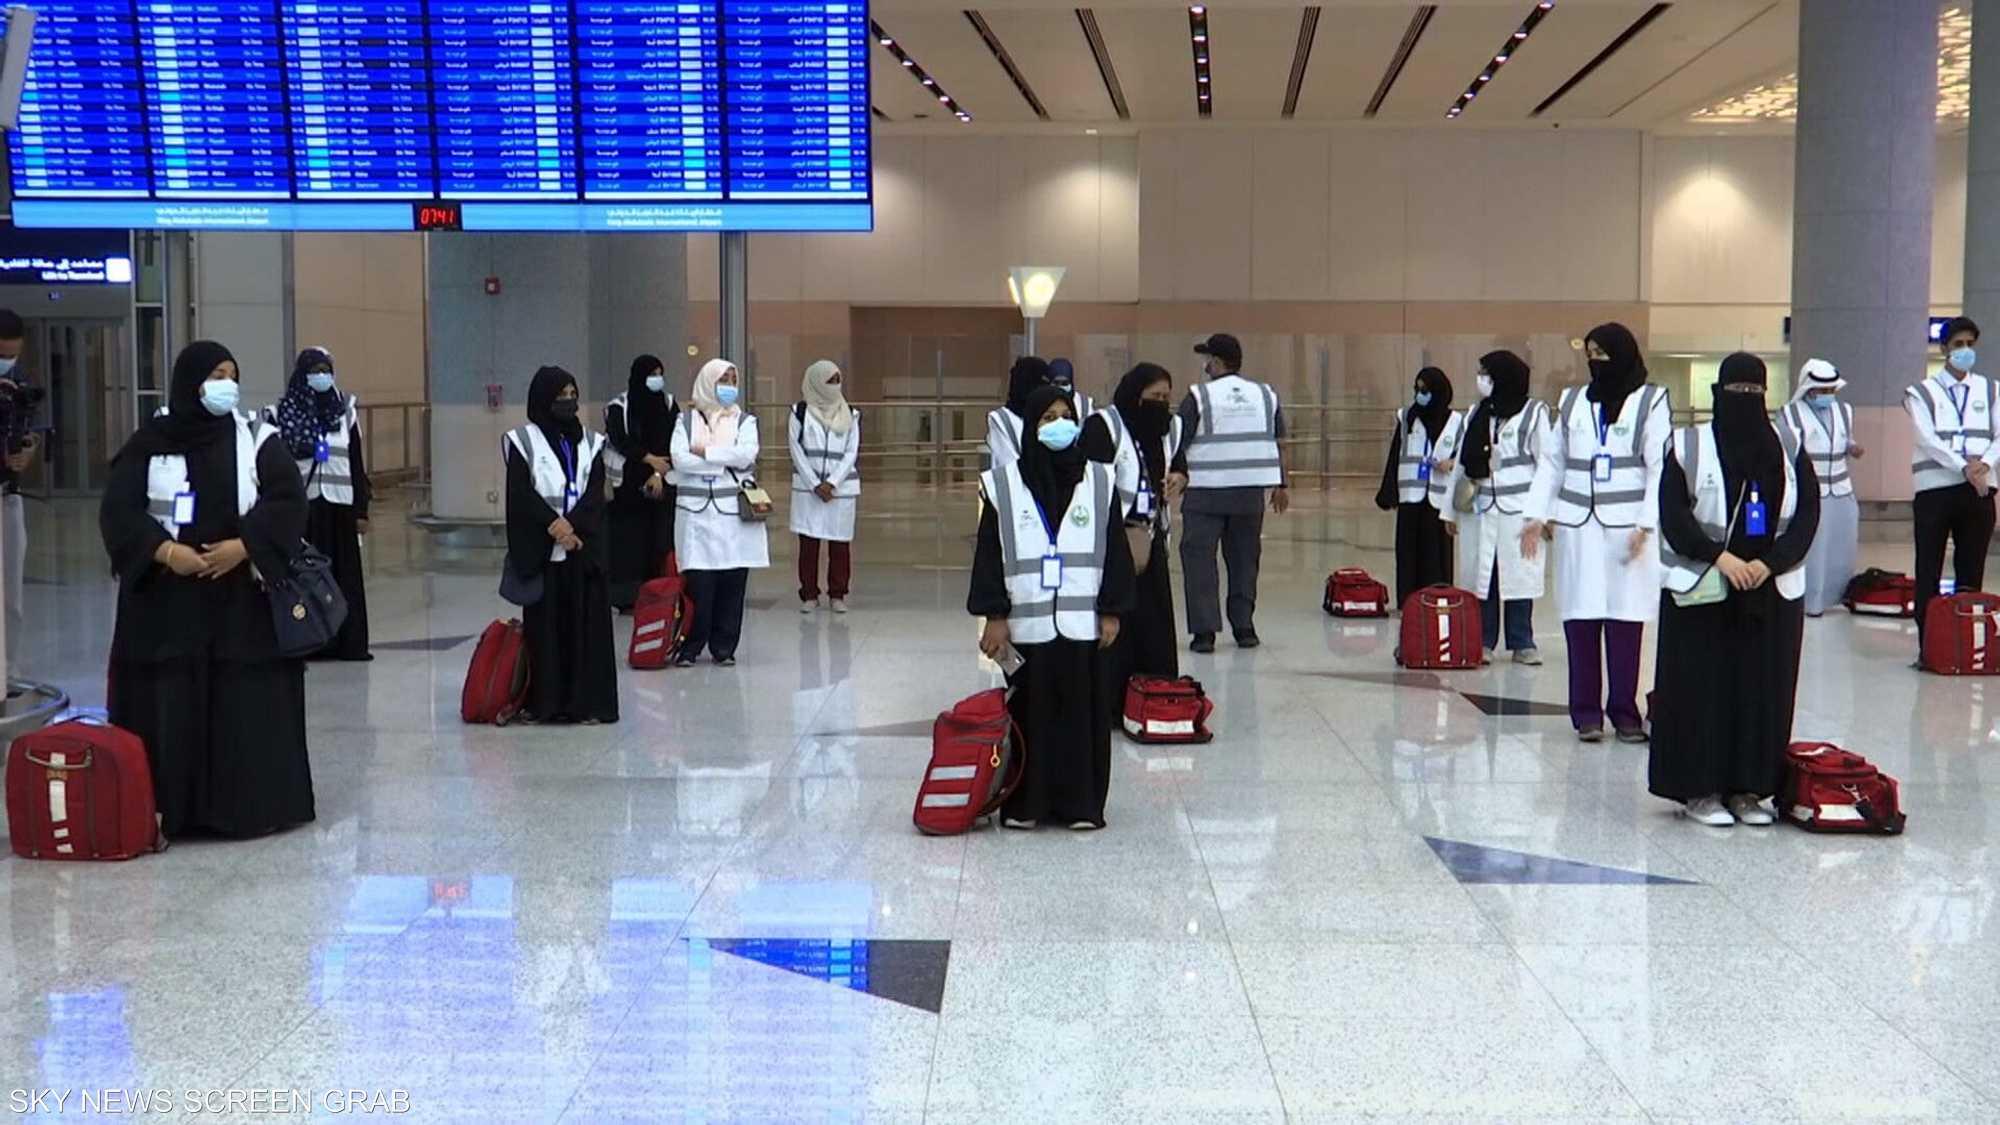 وصول دفعات من الحجاج إلى مطار الملك عبدالعزيز الدولي في جدة